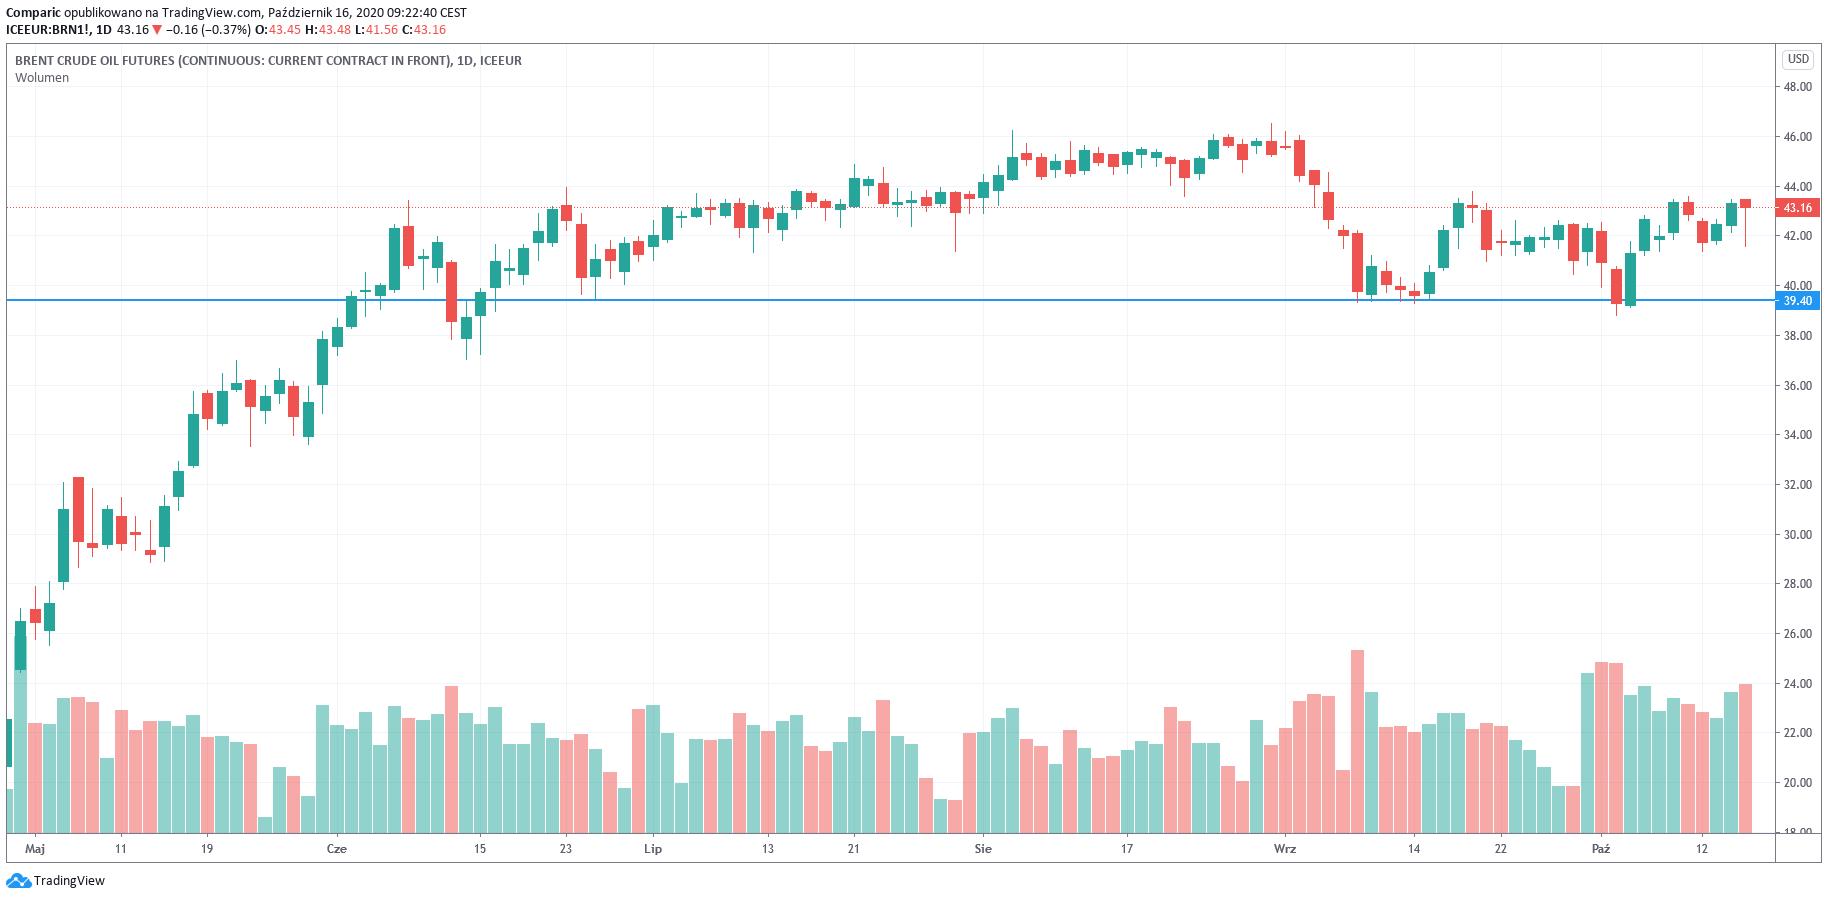 Cena ropy WTI poniżej 41 dol. Rosną obawy o odbudowę popytu na paliwa